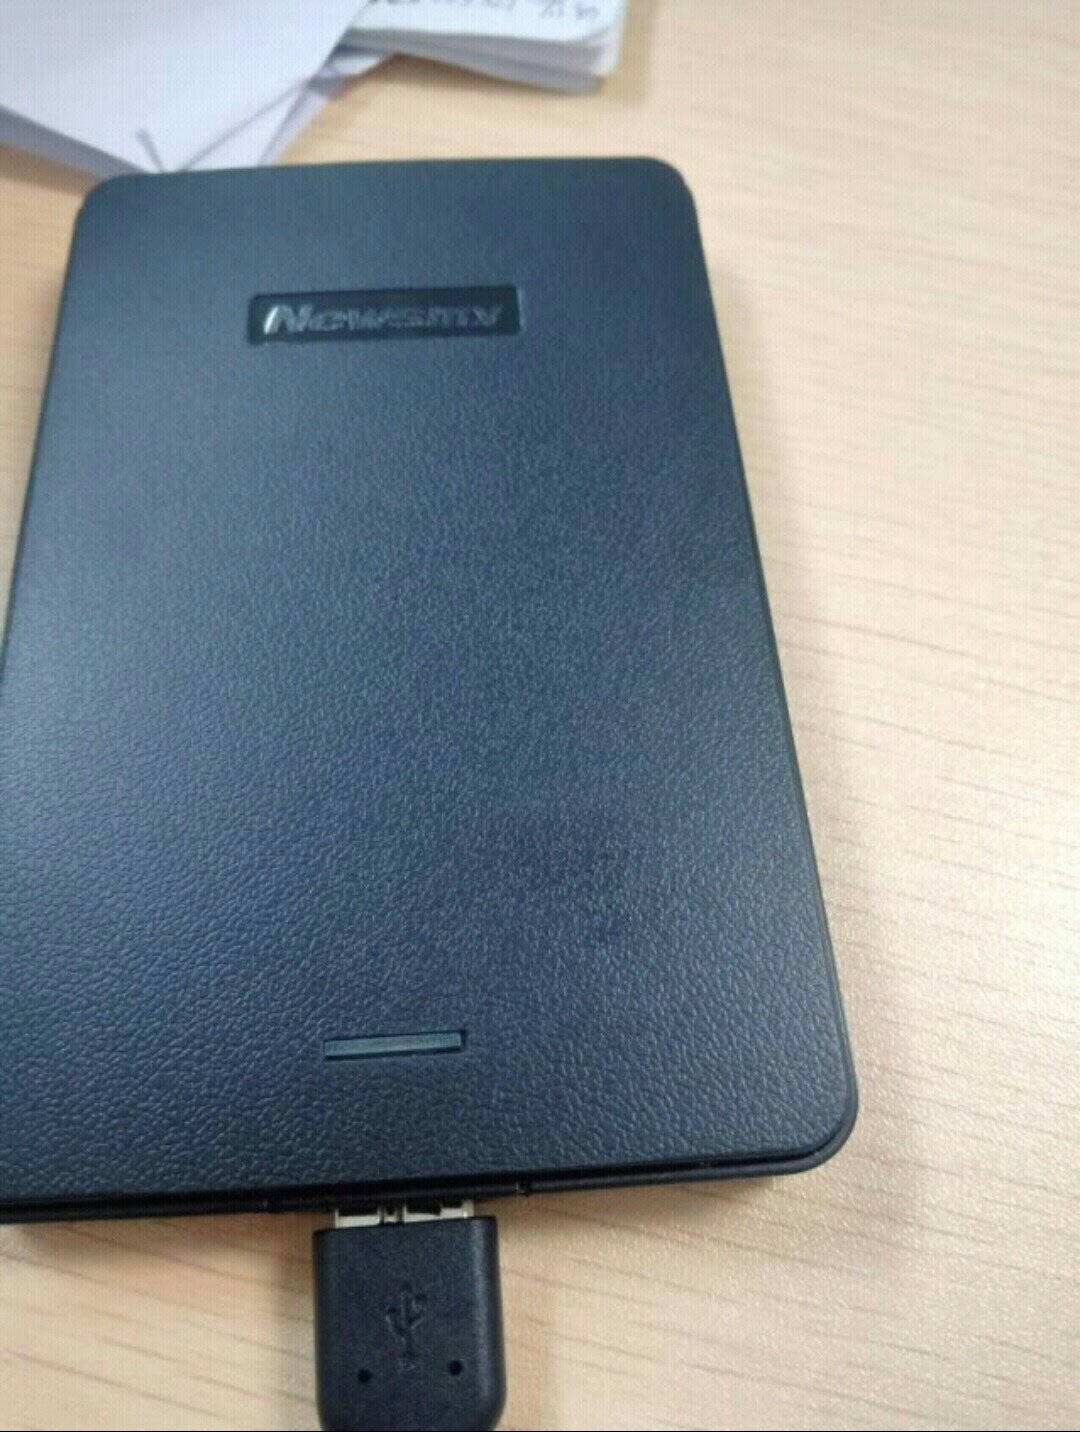 纽曼(Newsmy)500GBUSB3.0移动硬盘清风2.5英寸风雅黑文件数据备份海量存储稳定耐用